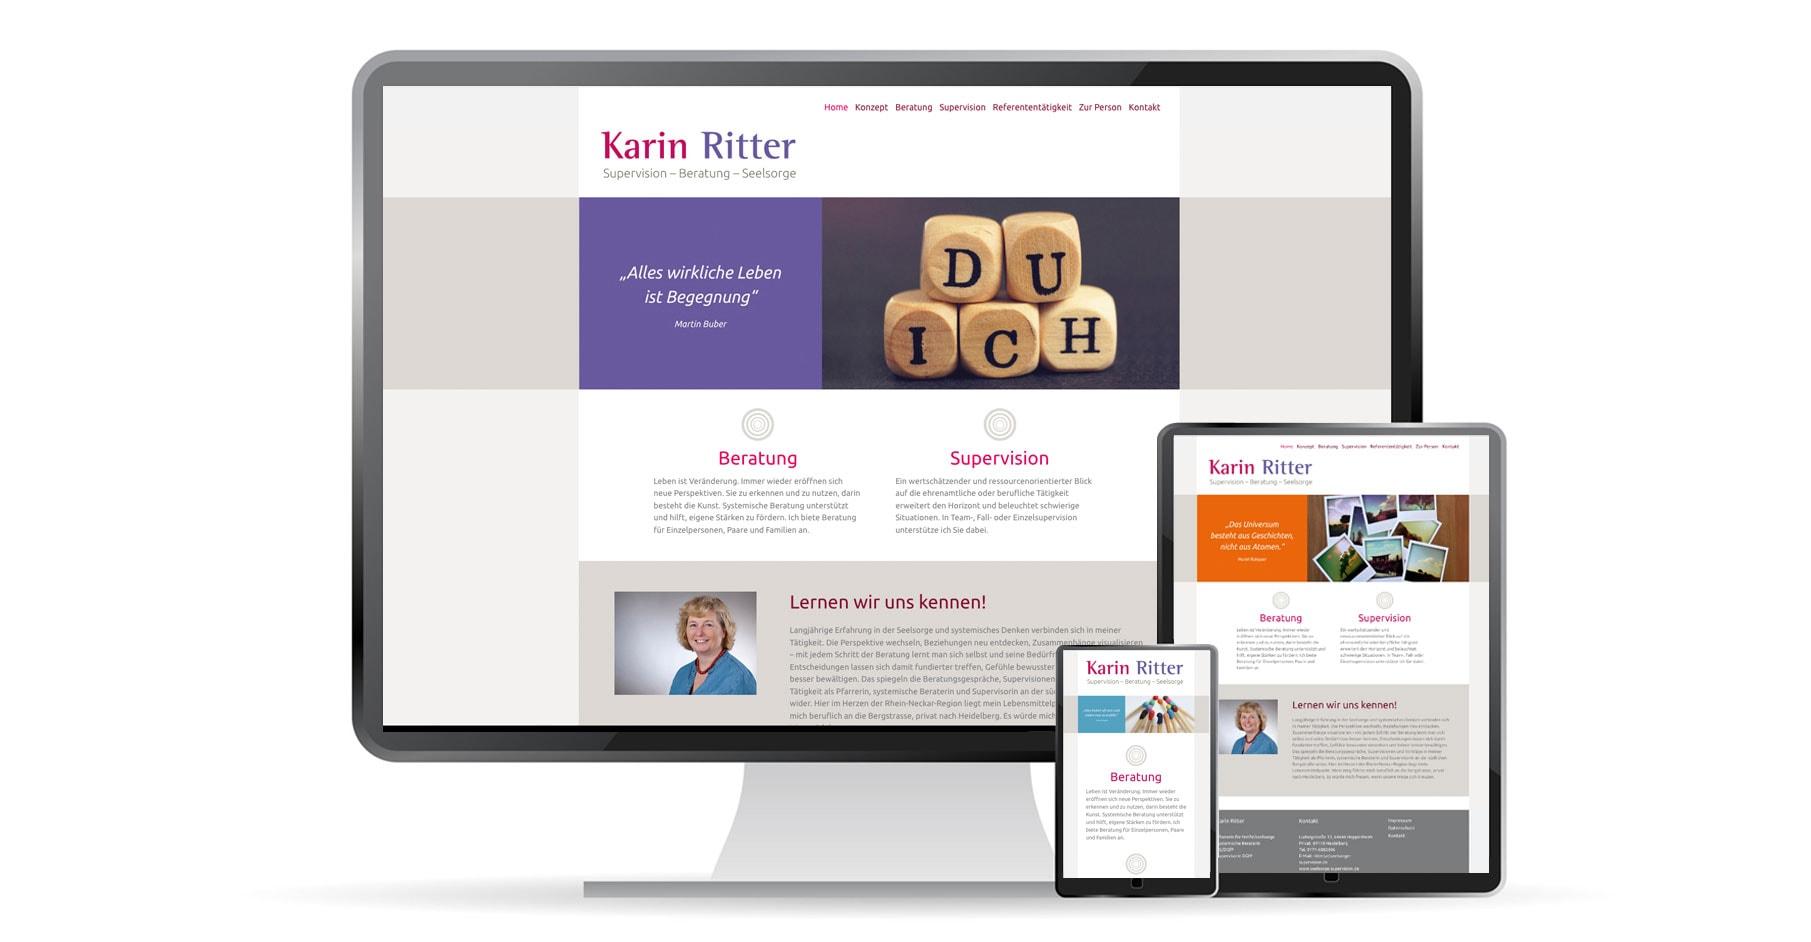 Vorlage_Responsivedesign_Ritter